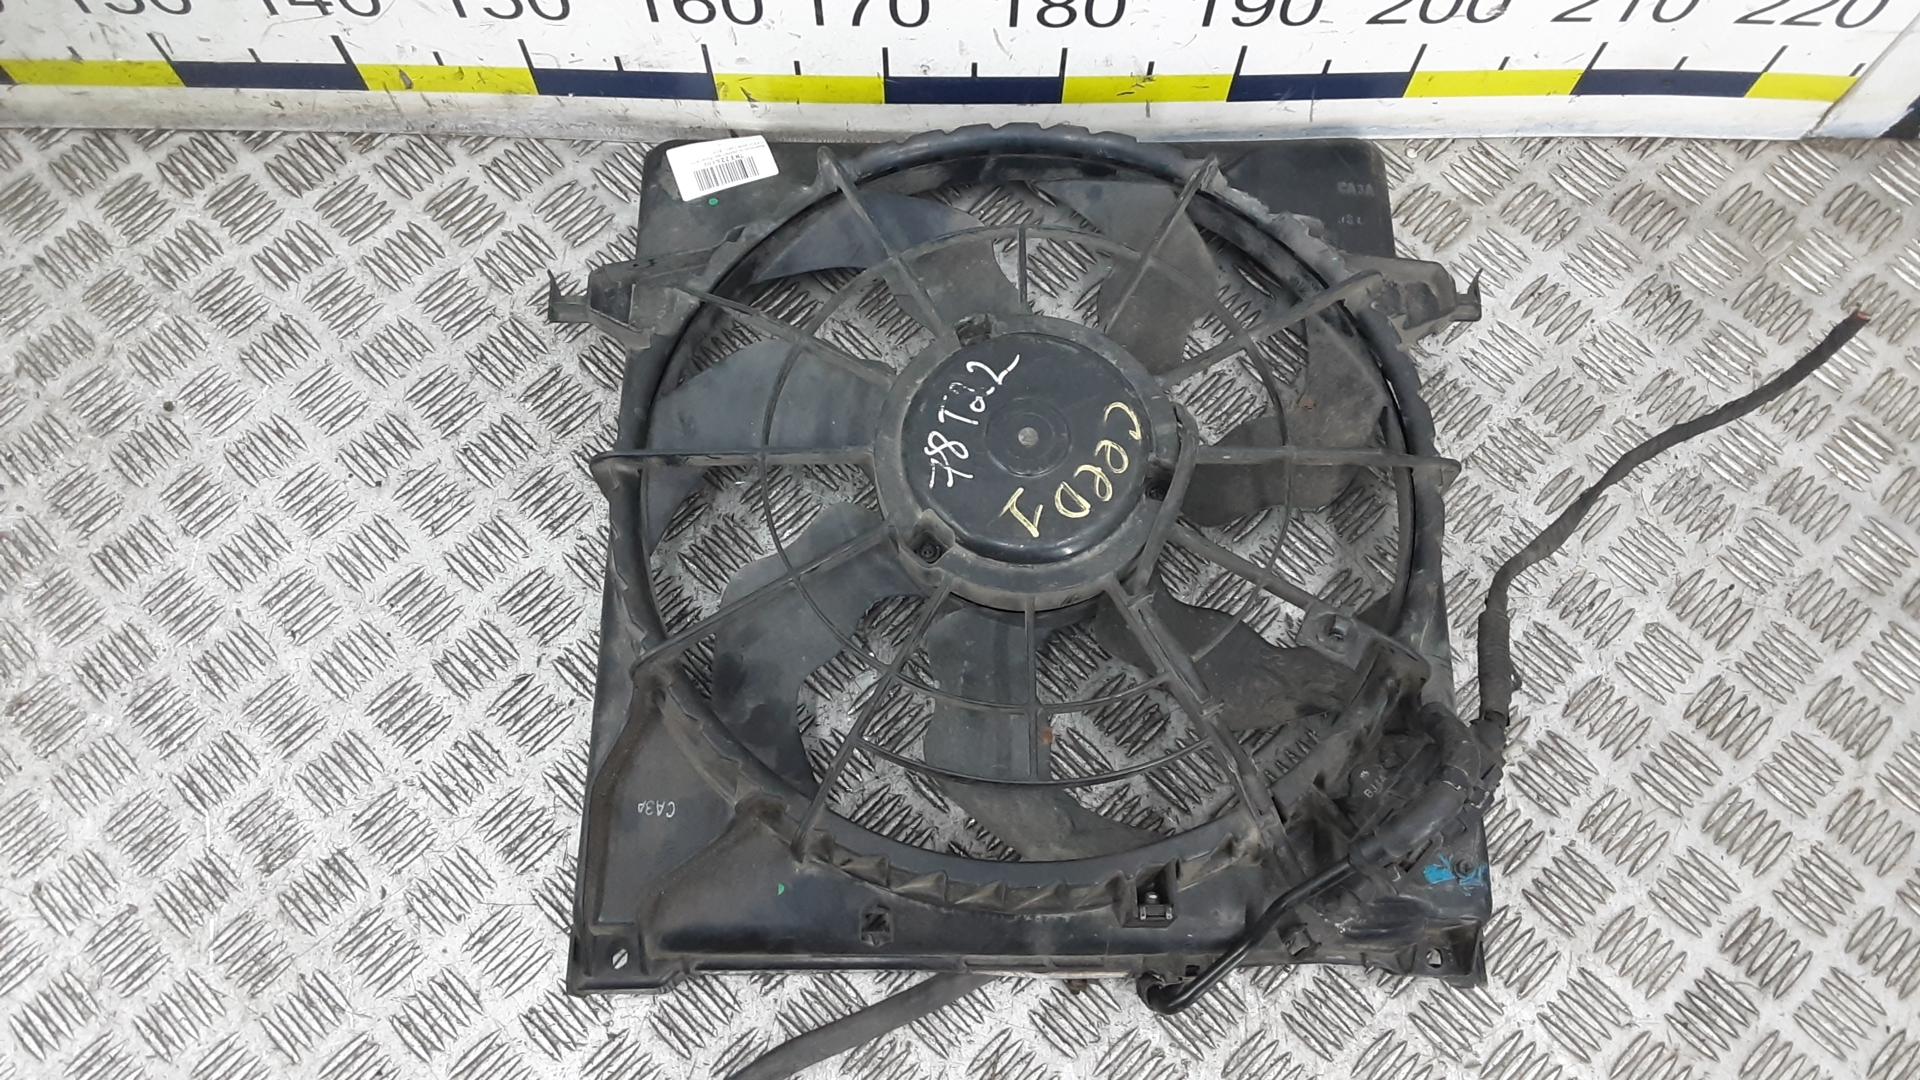 Вентилятор радиатора, KIA, CEE'D 1, 2006